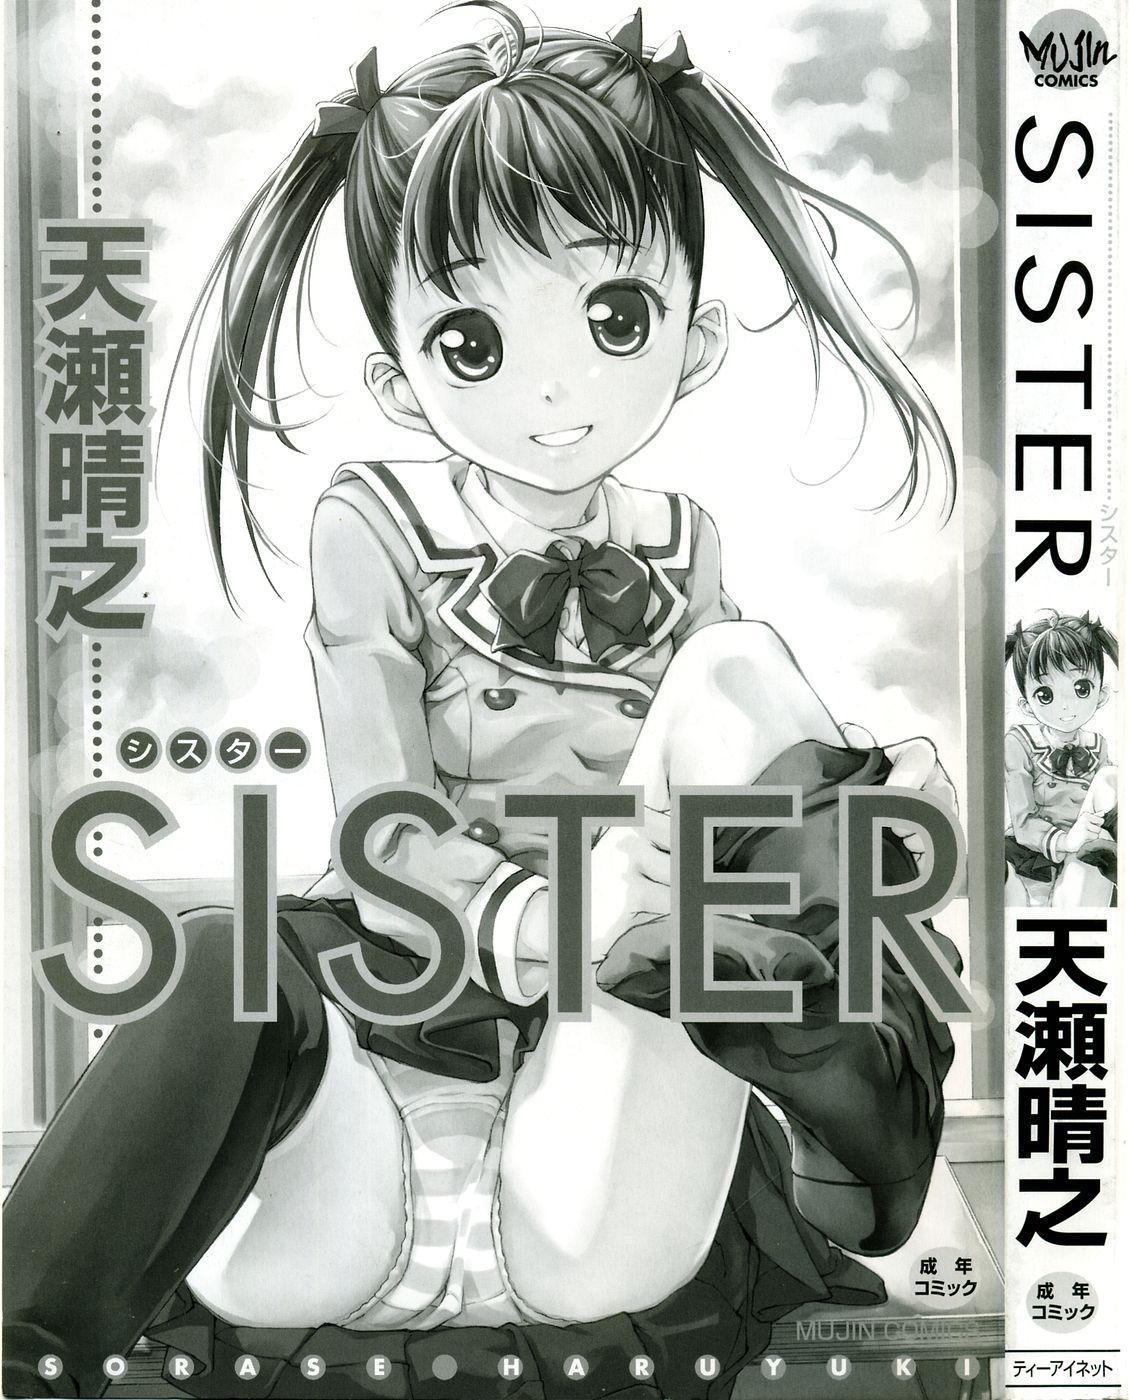 SISTER 3